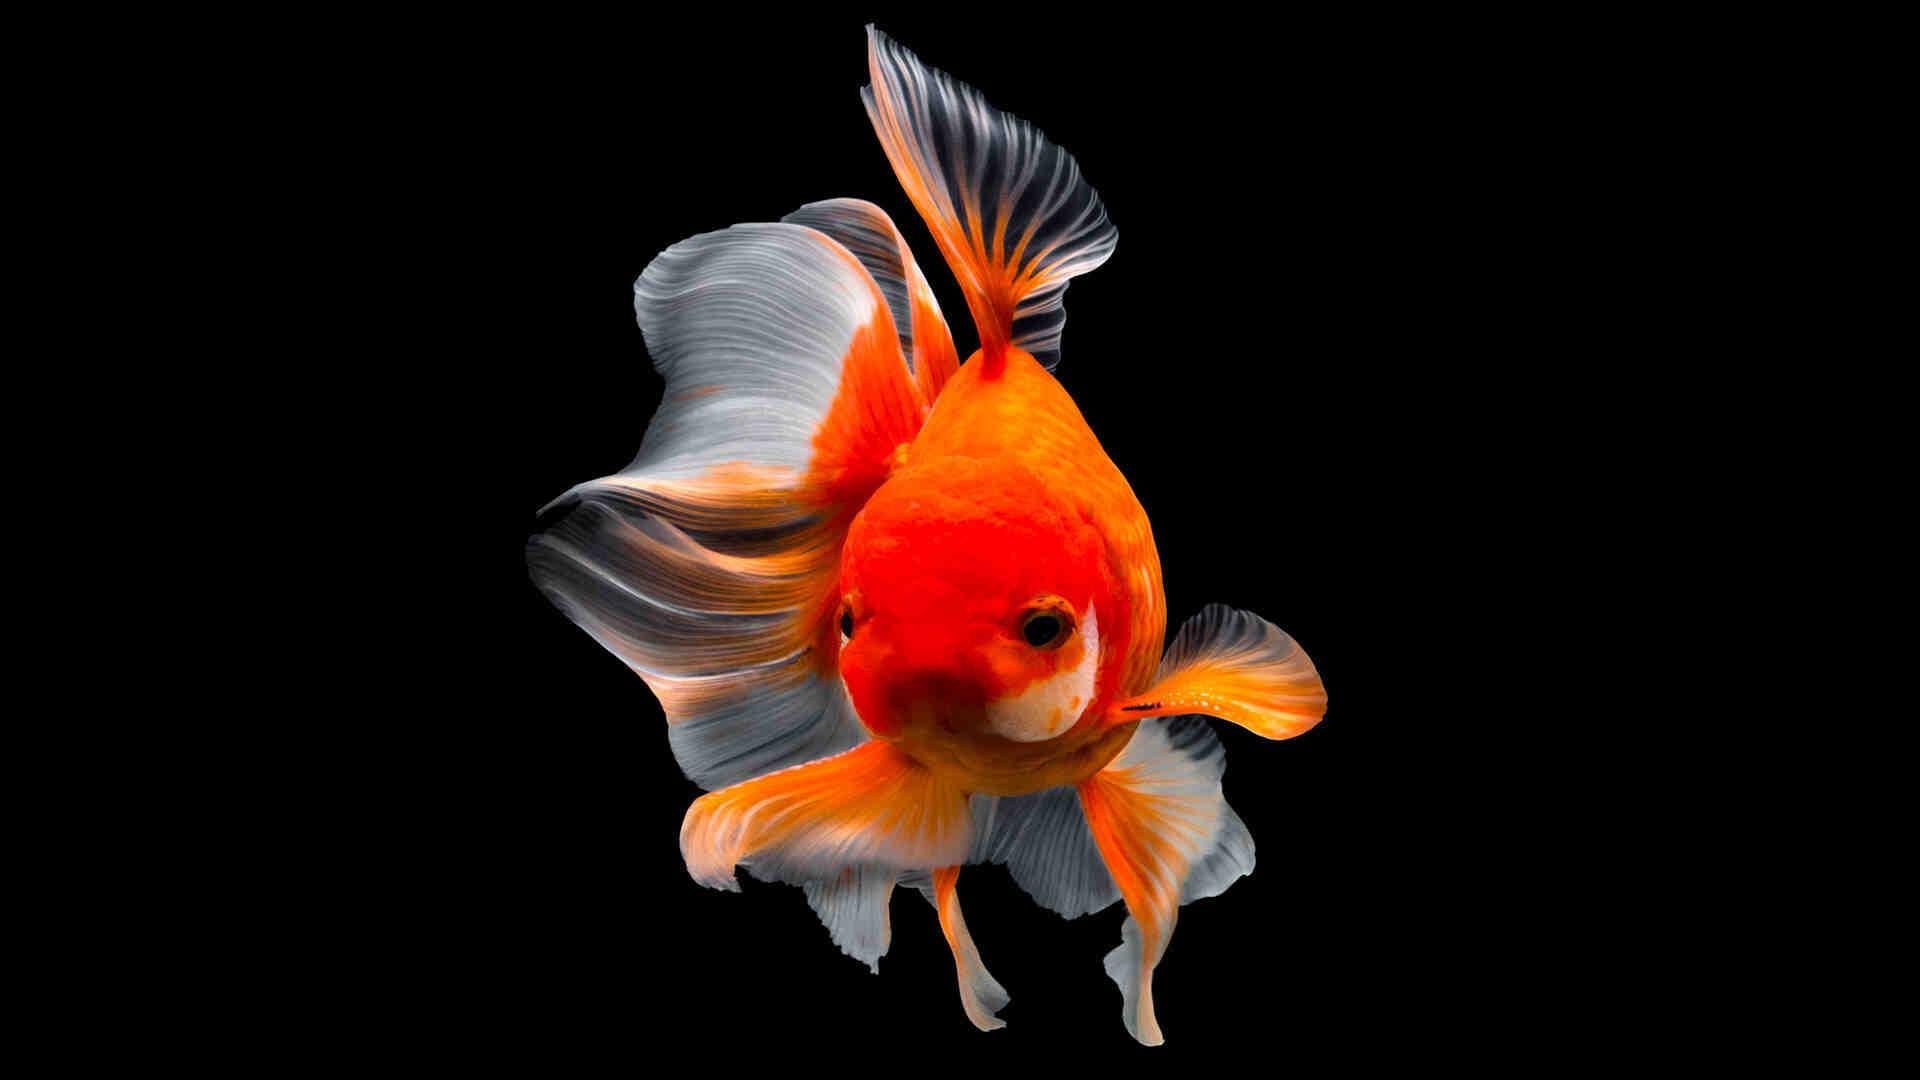 Quand mettez-vous le poisson dans l'aquarium?